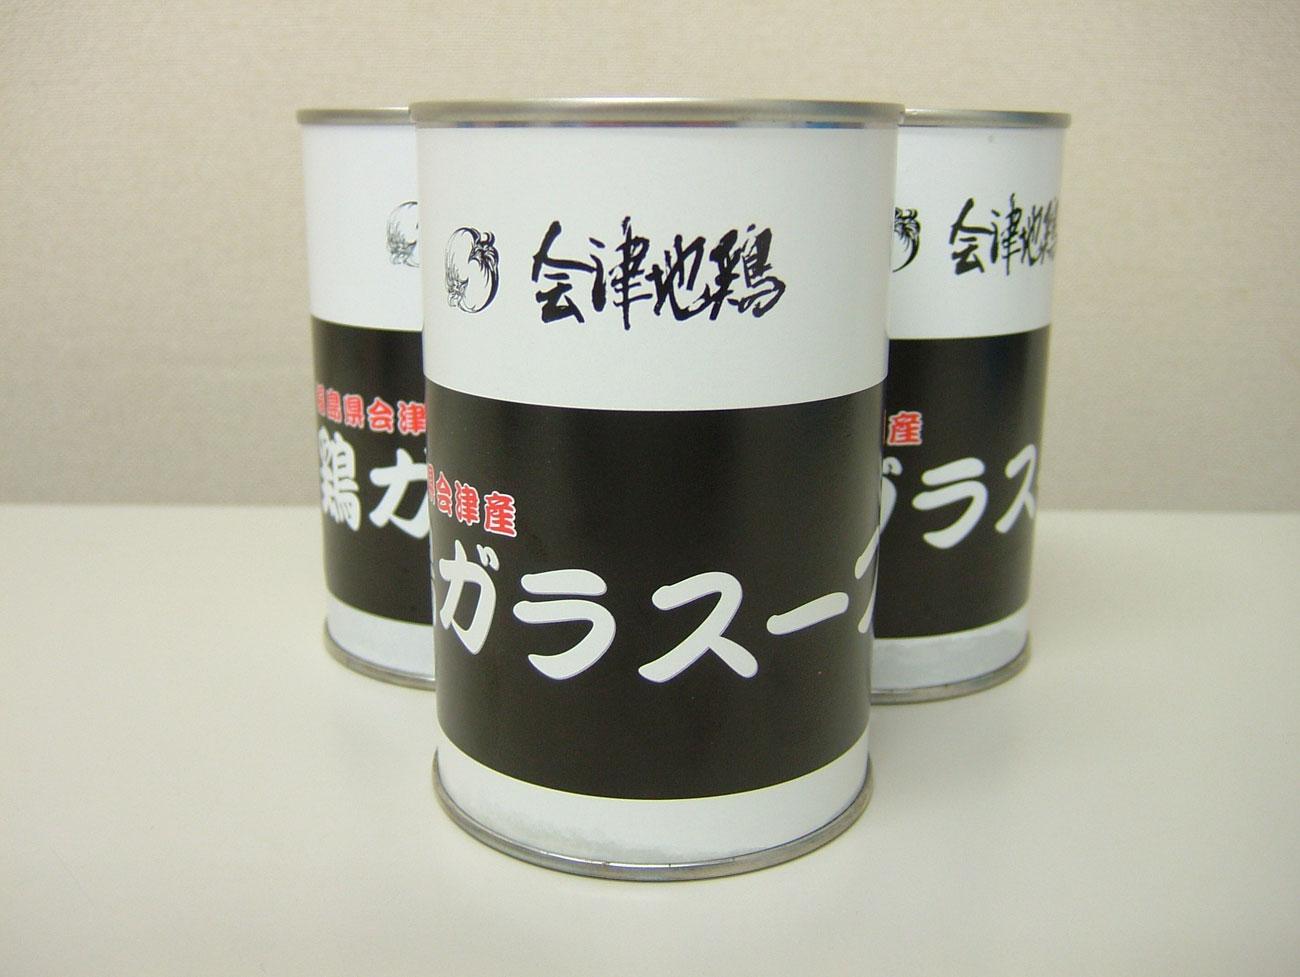 【会津地鶏みしまや】【大人気】三島町産会津地鶏ガラスープ6本セット